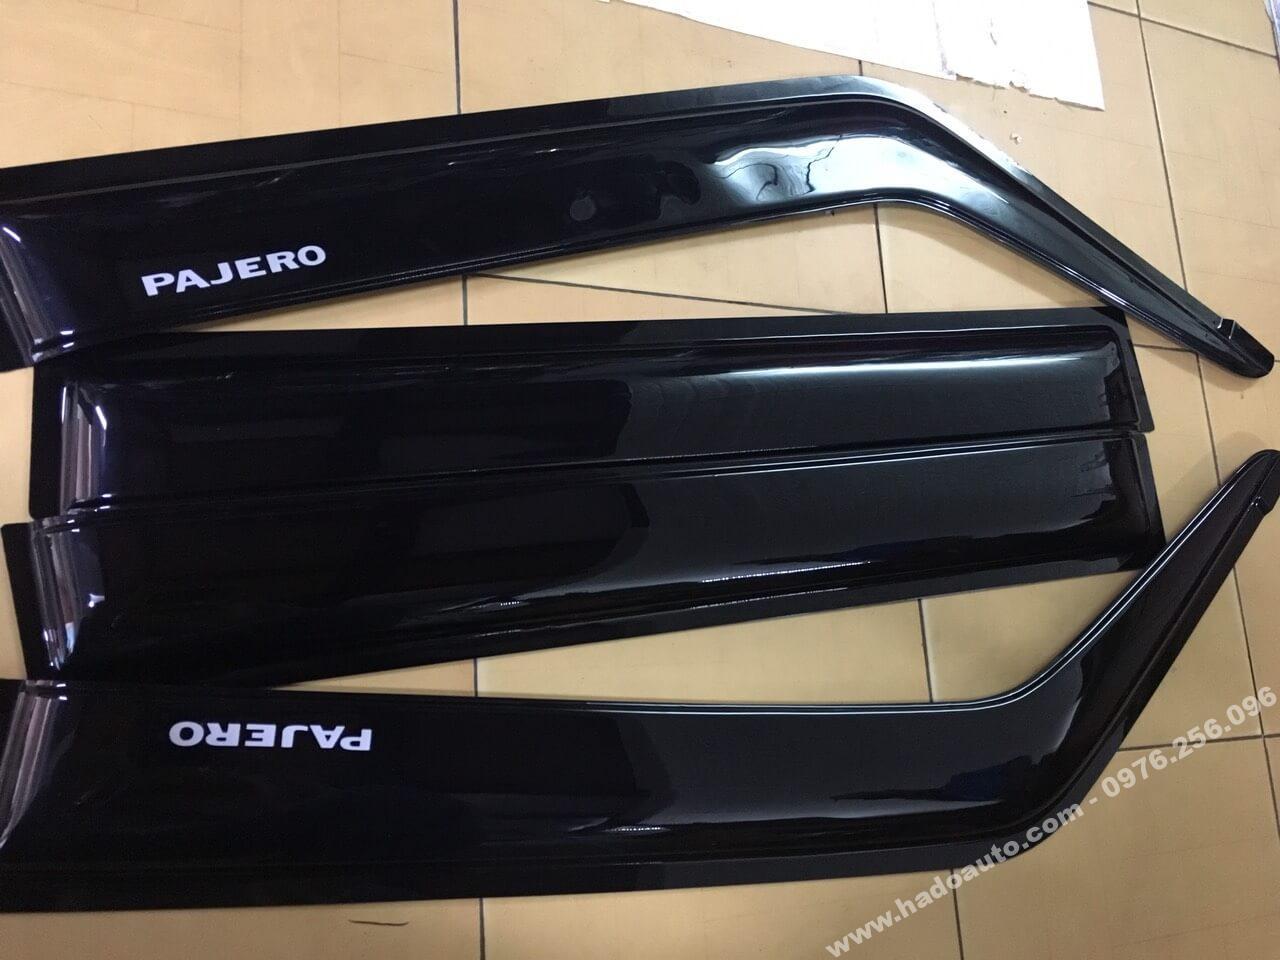 Vè mưa Mitsubishi Pajero V31 V32 V33 giá rẻ